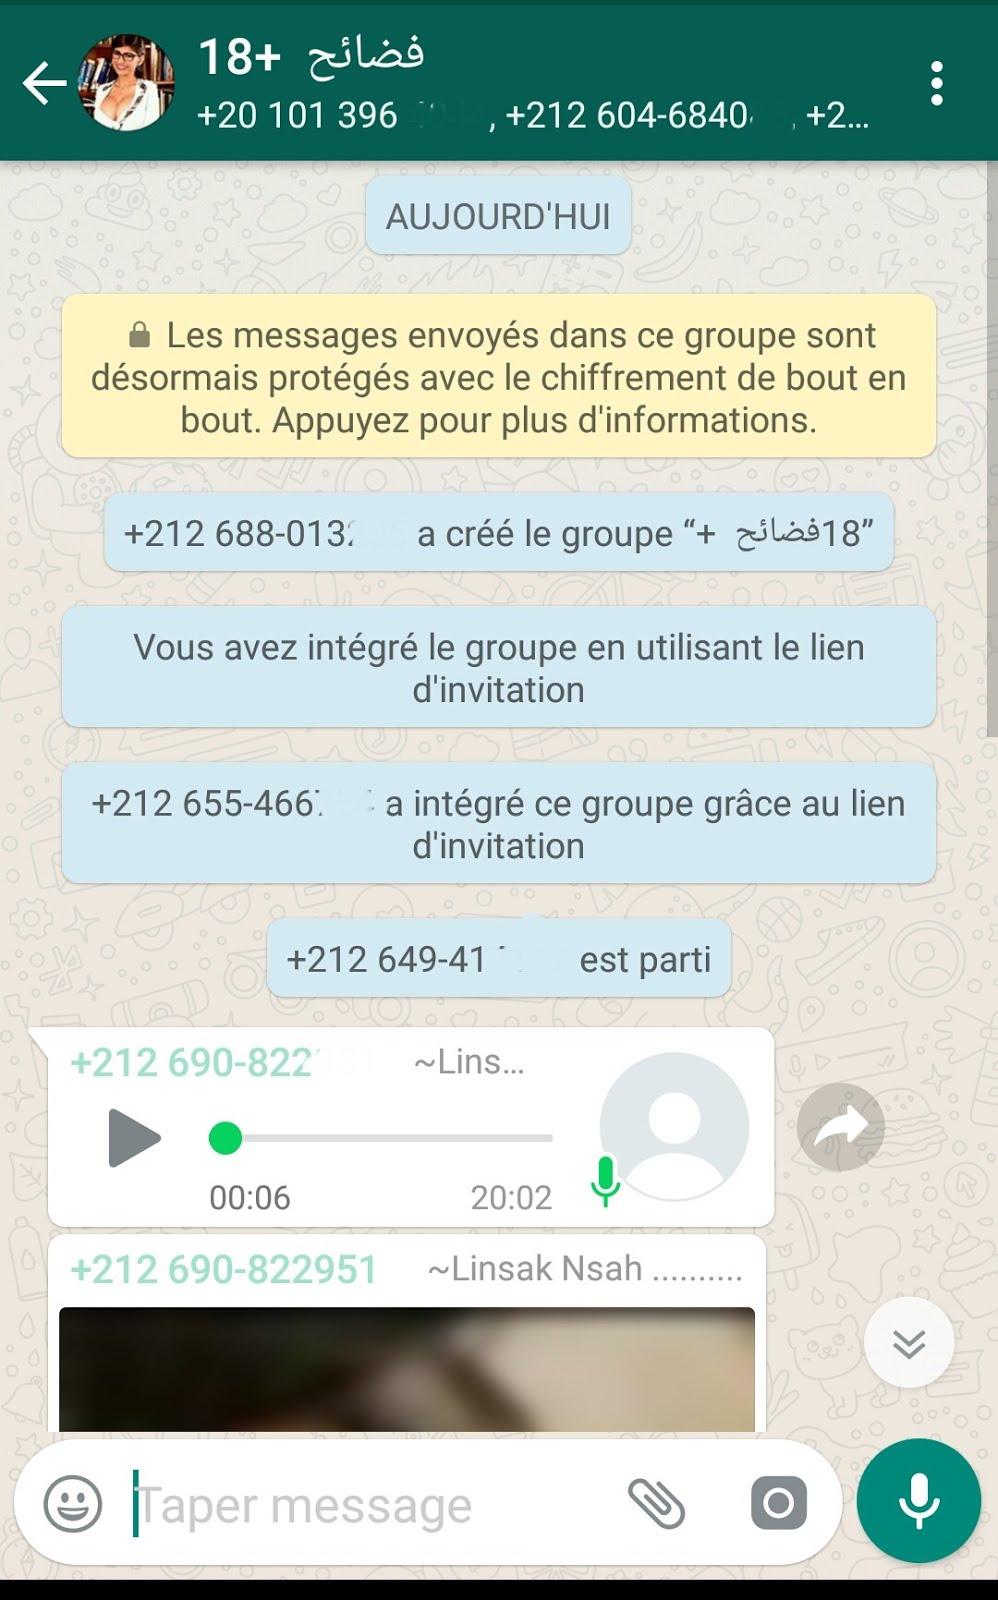 Maroc 2 bnat m3a khaliji 19 min httpjgs14831503maroc2bnatm3akhaliji - 4 8